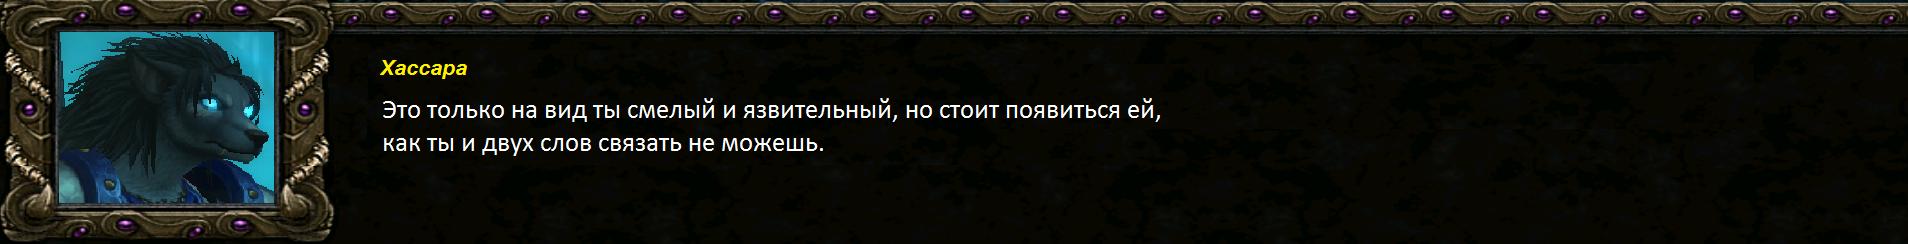 Дк шаблон реборн 15.14